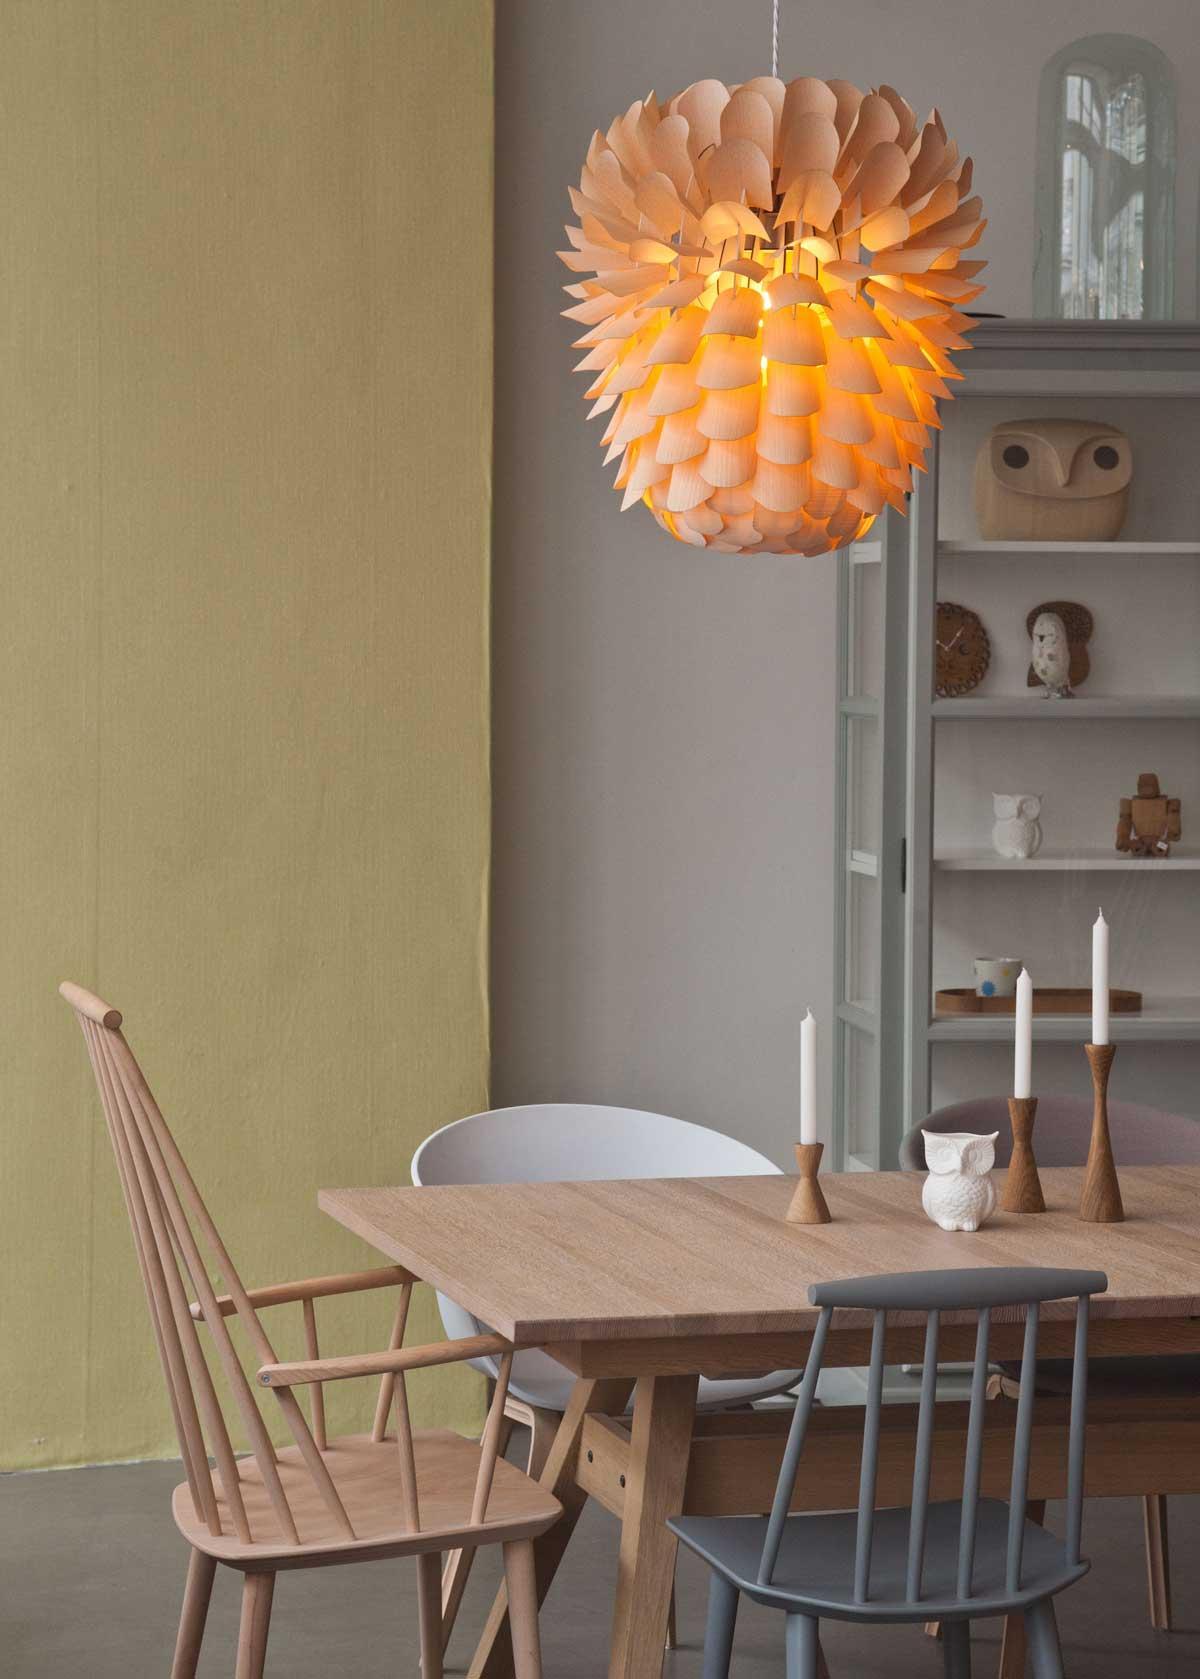 esstischlampe • bilder & ideen • couchstyle, Wohnzimmer